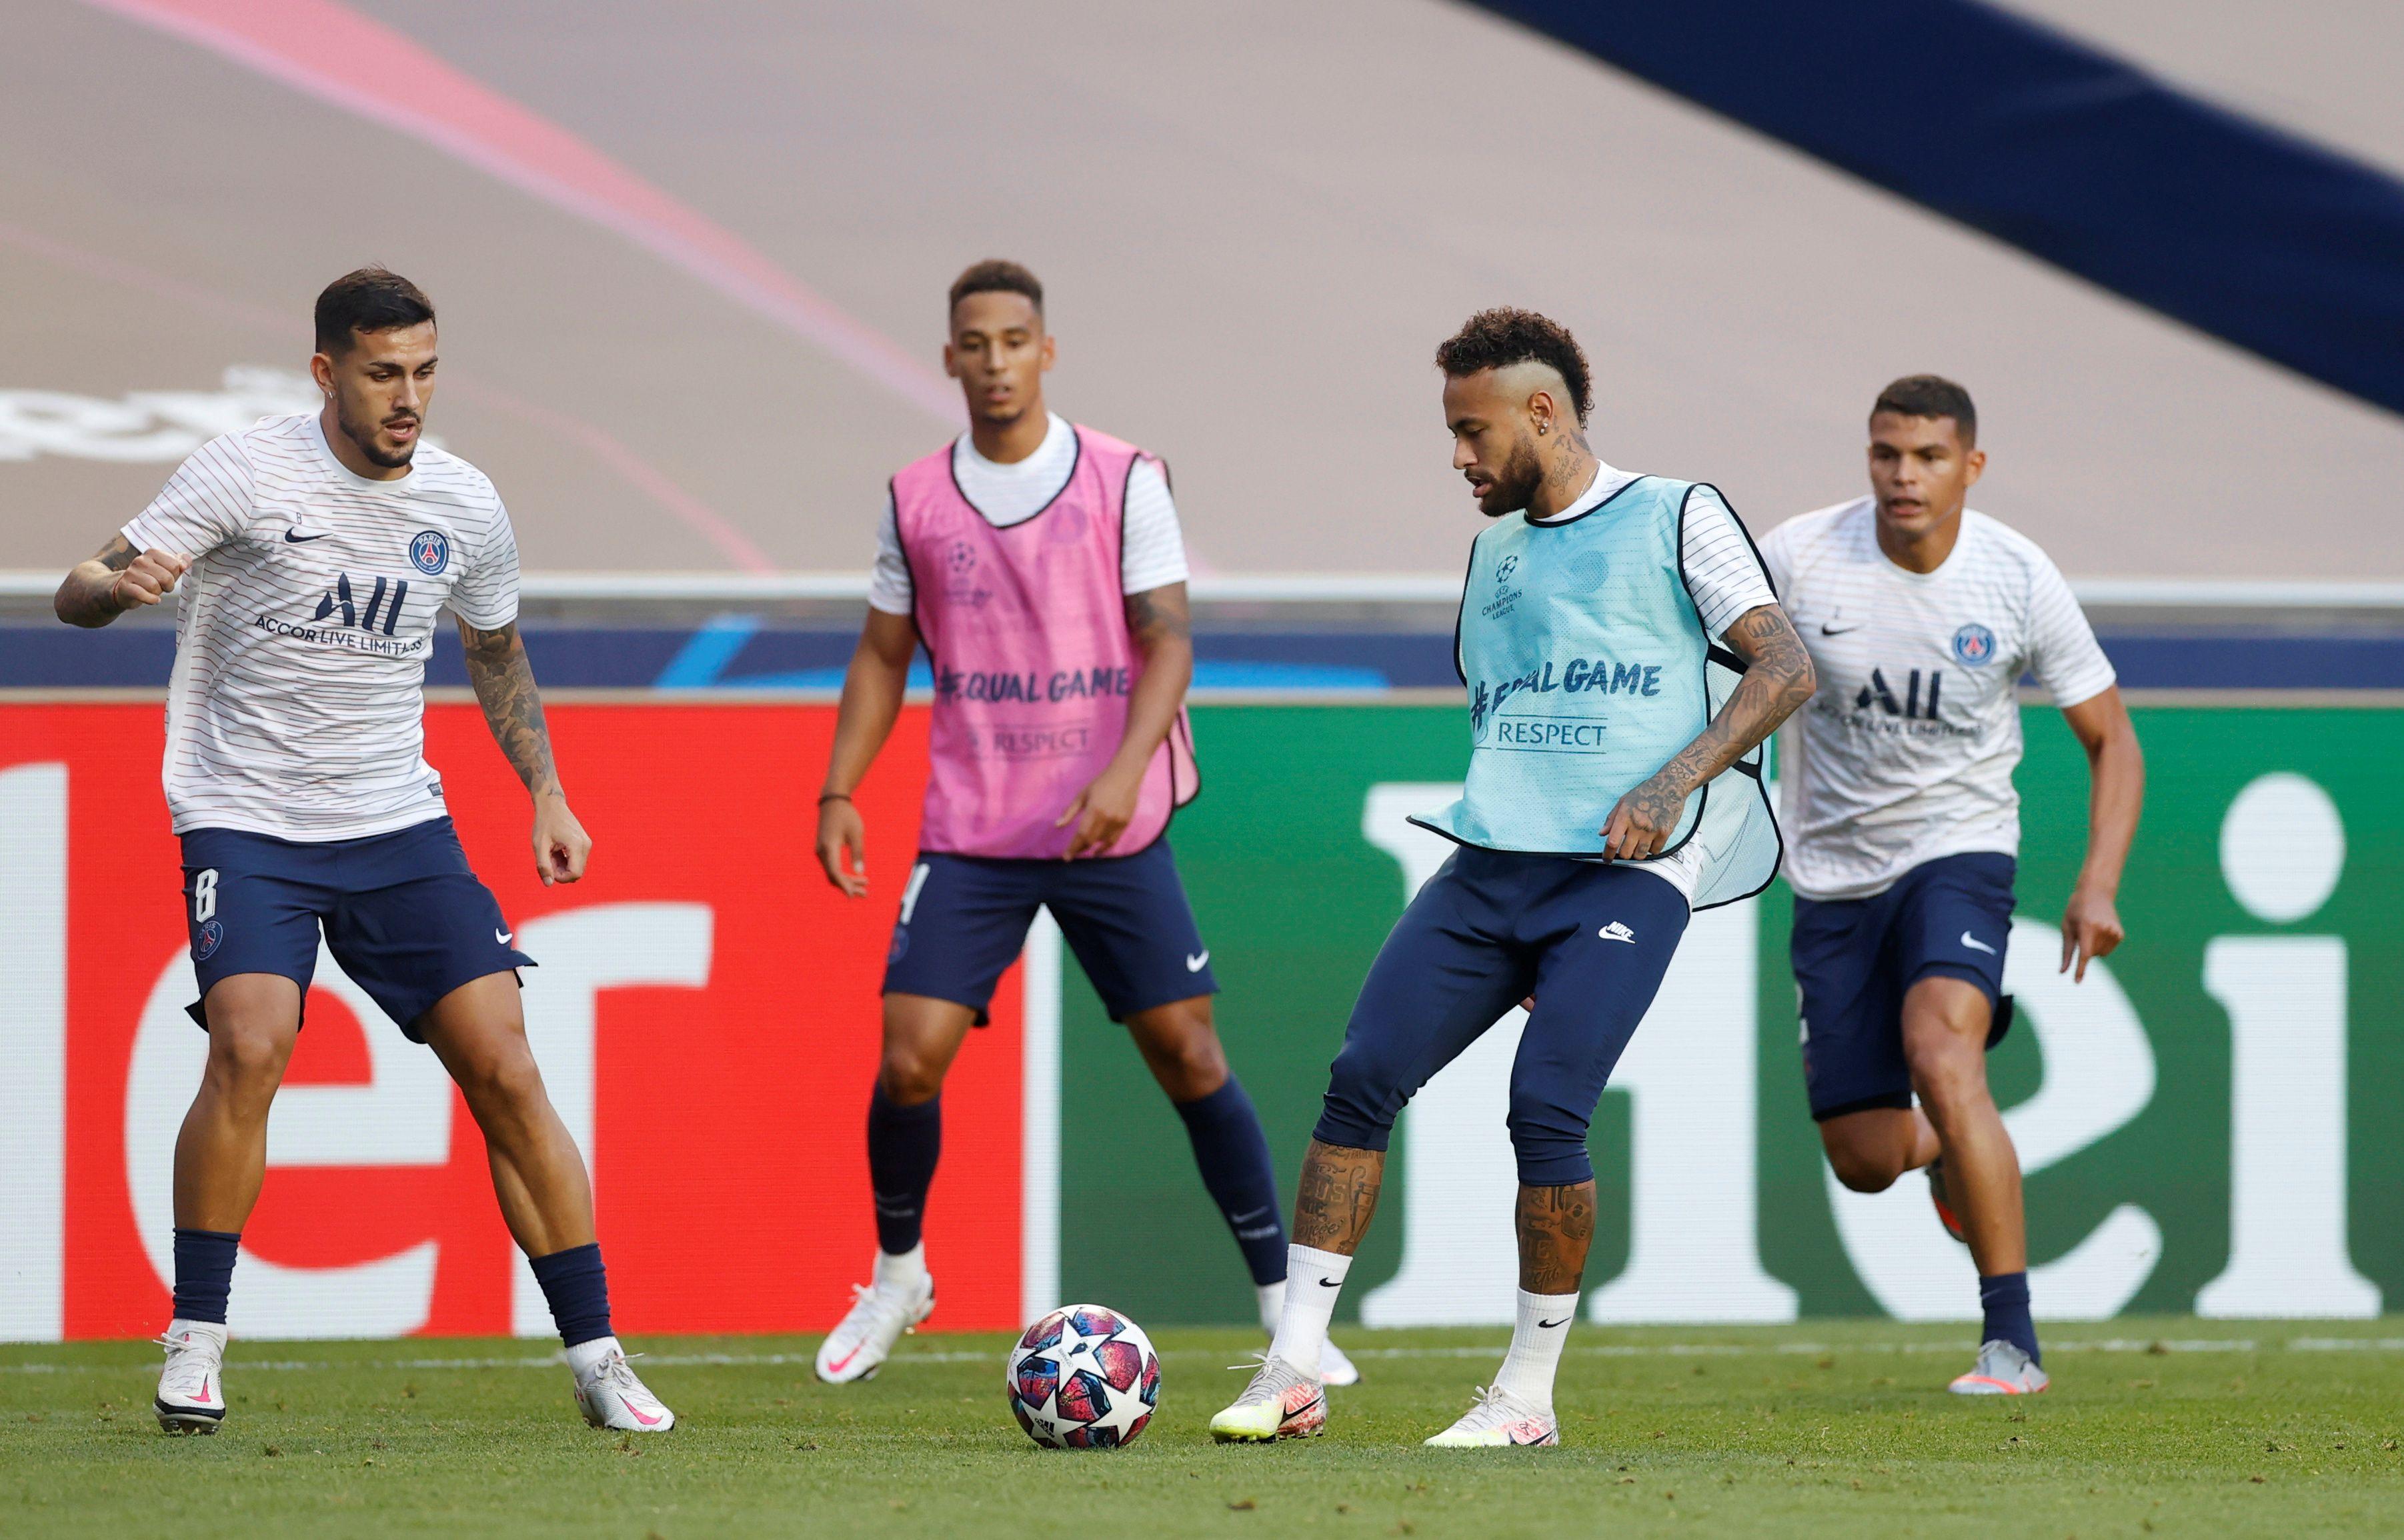 Neymar en el calentamiento previo a la gran final (REUTERS/Matthew Childs/Pool)